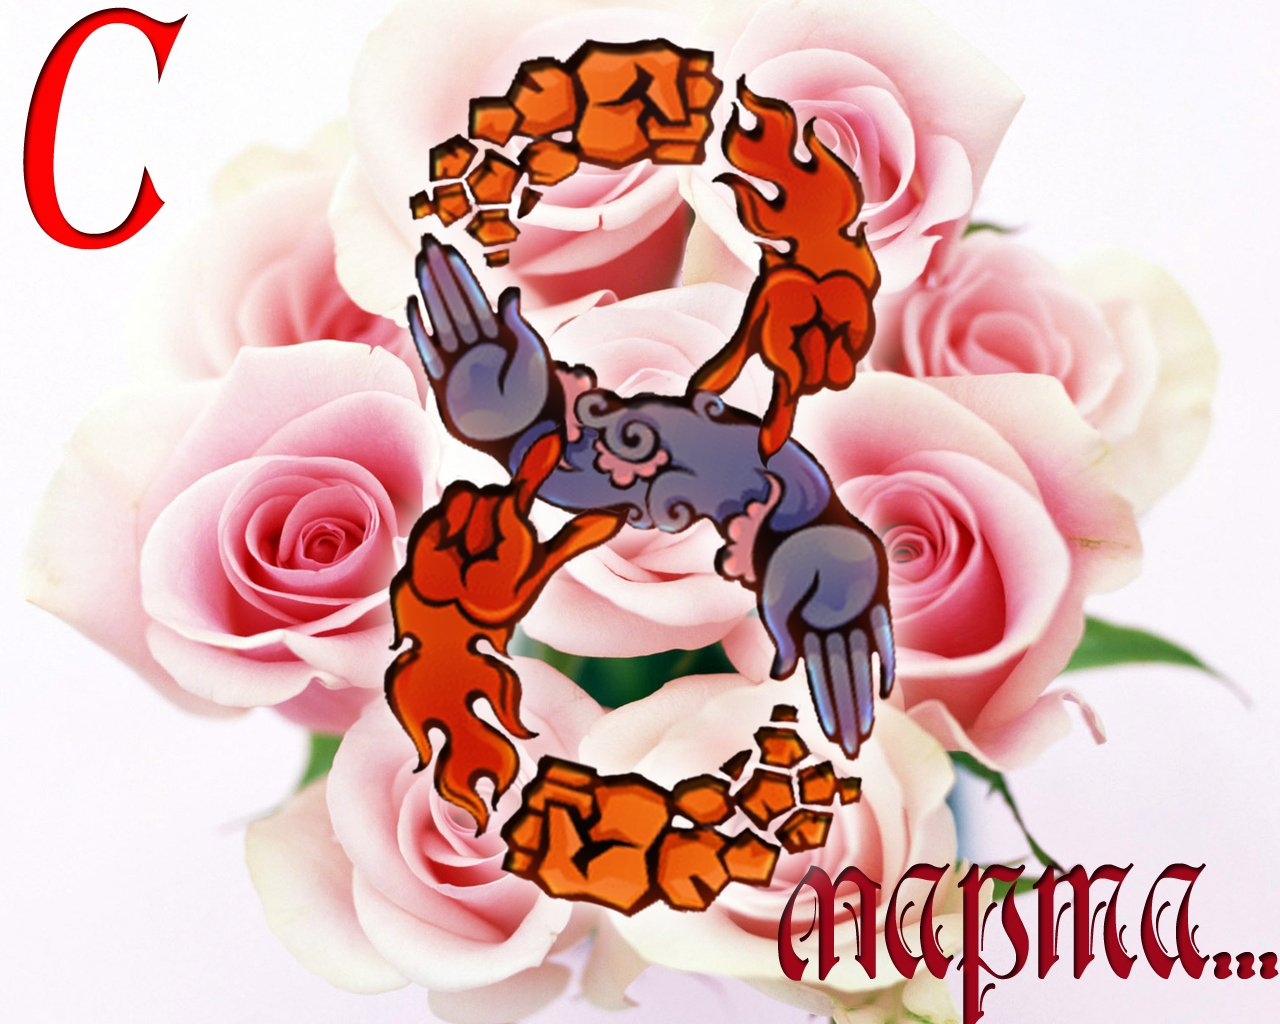 Дорогие наши девушки , а также женщины на  Канобу.ру! В этот светлый  и весенний день 8 Марта мы желаем вас поздрави ... - Изображение 1